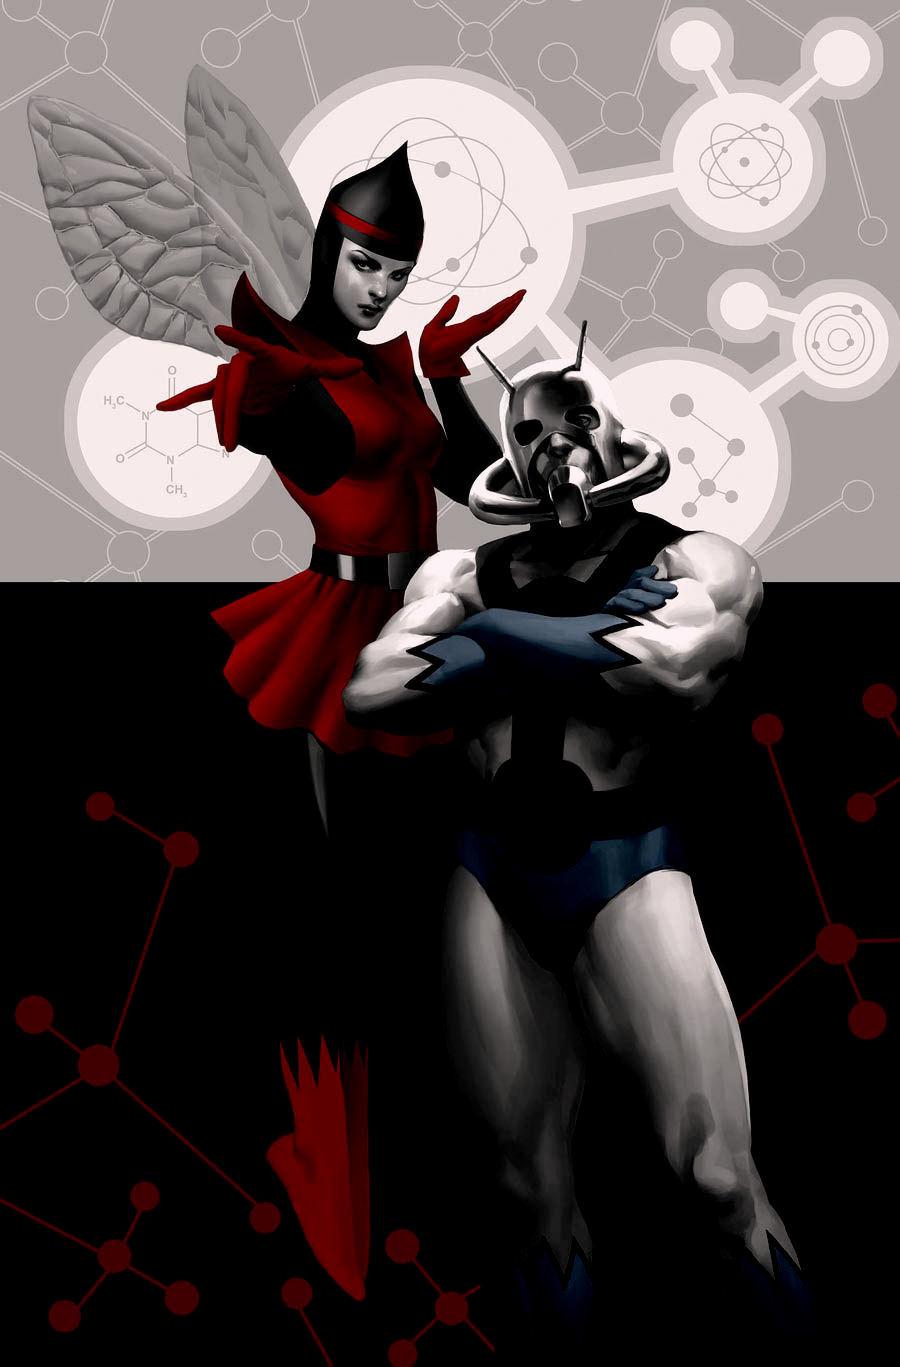 Upcoming Superhero Movies